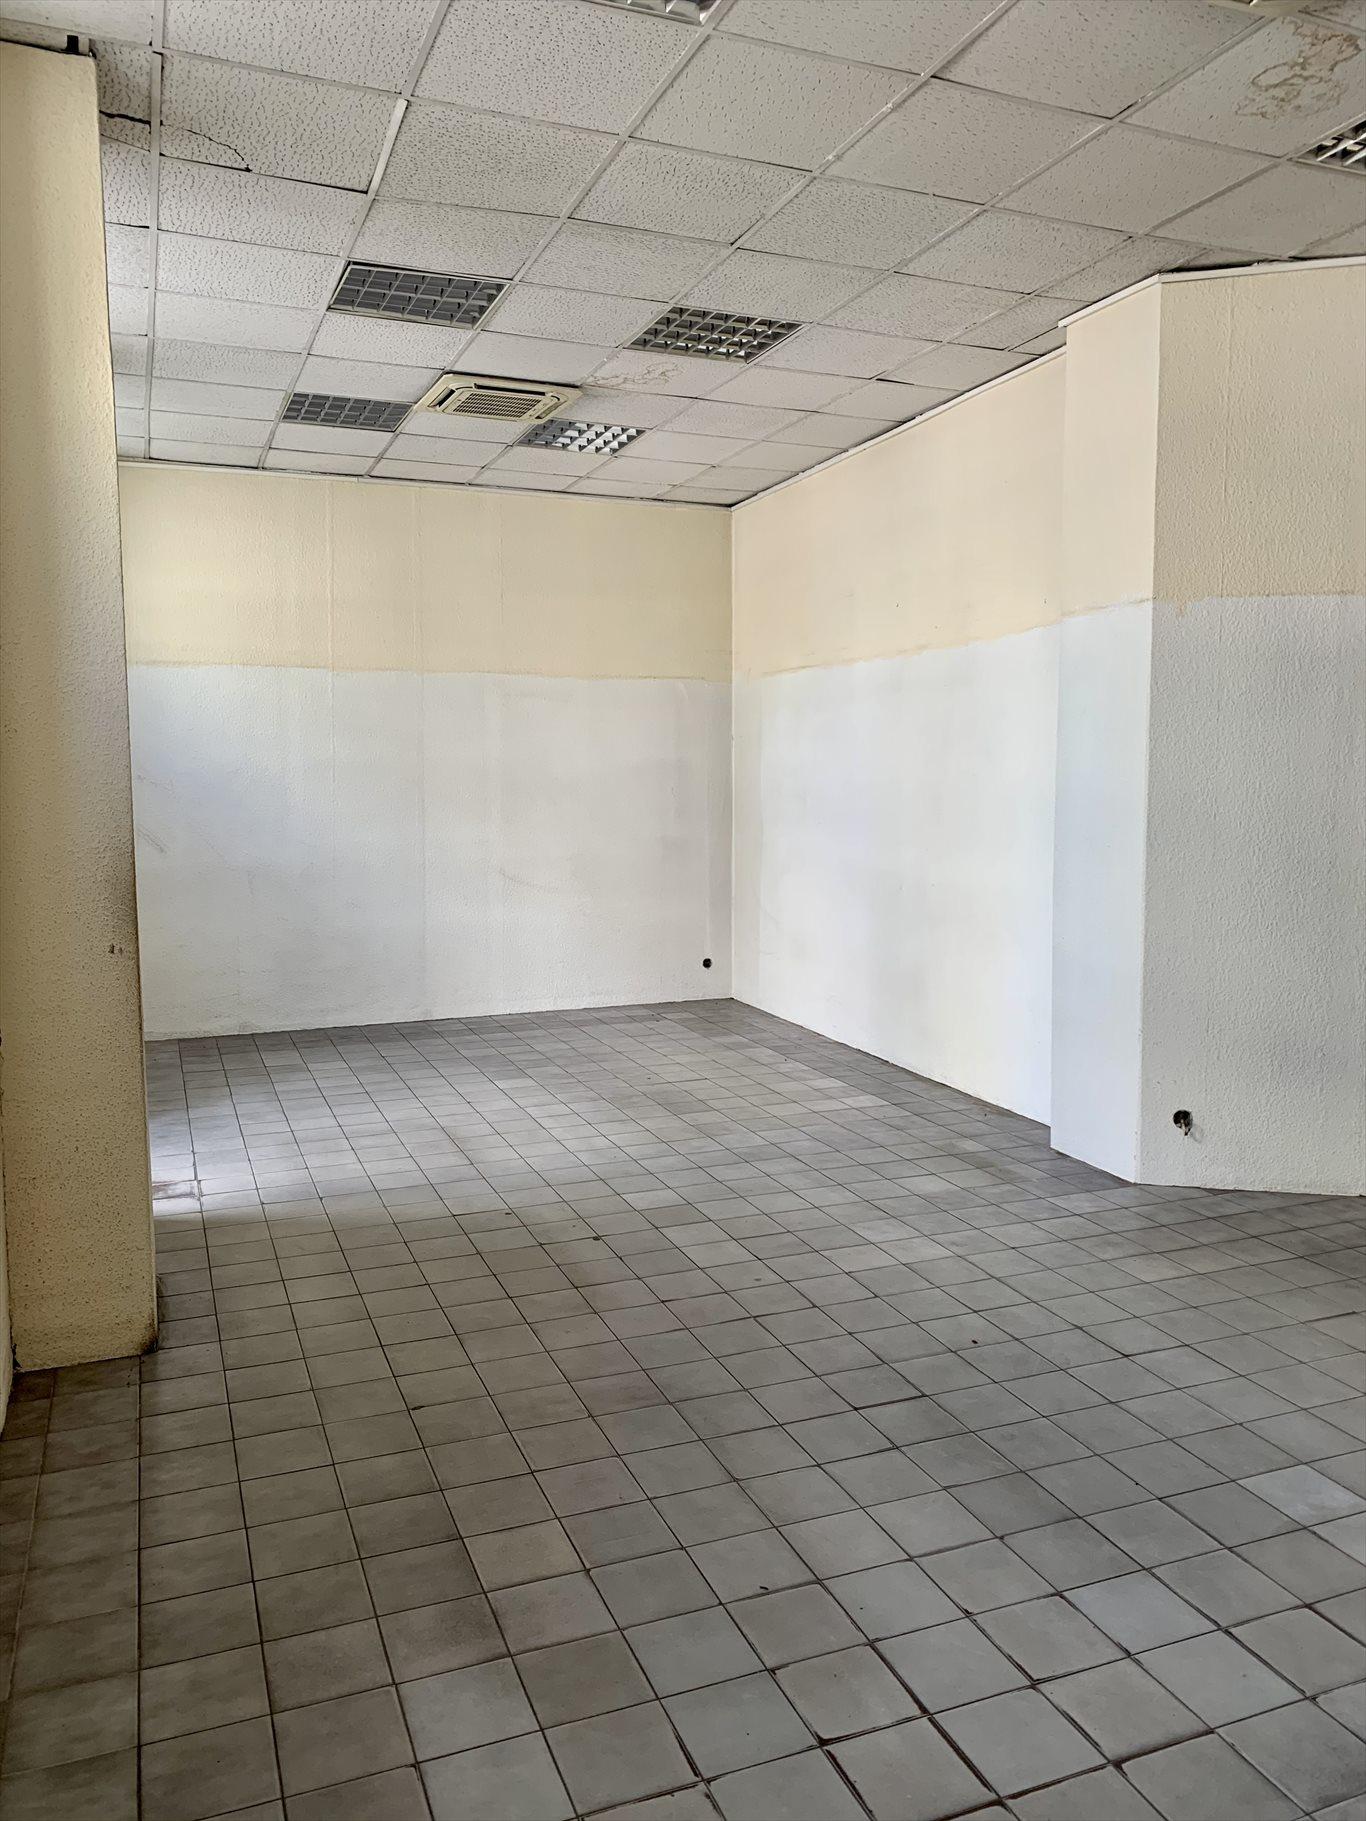 Lokal użytkowy na wynajem Sosnowiec, Centrum, Modrzejowska  116m2 Foto 1